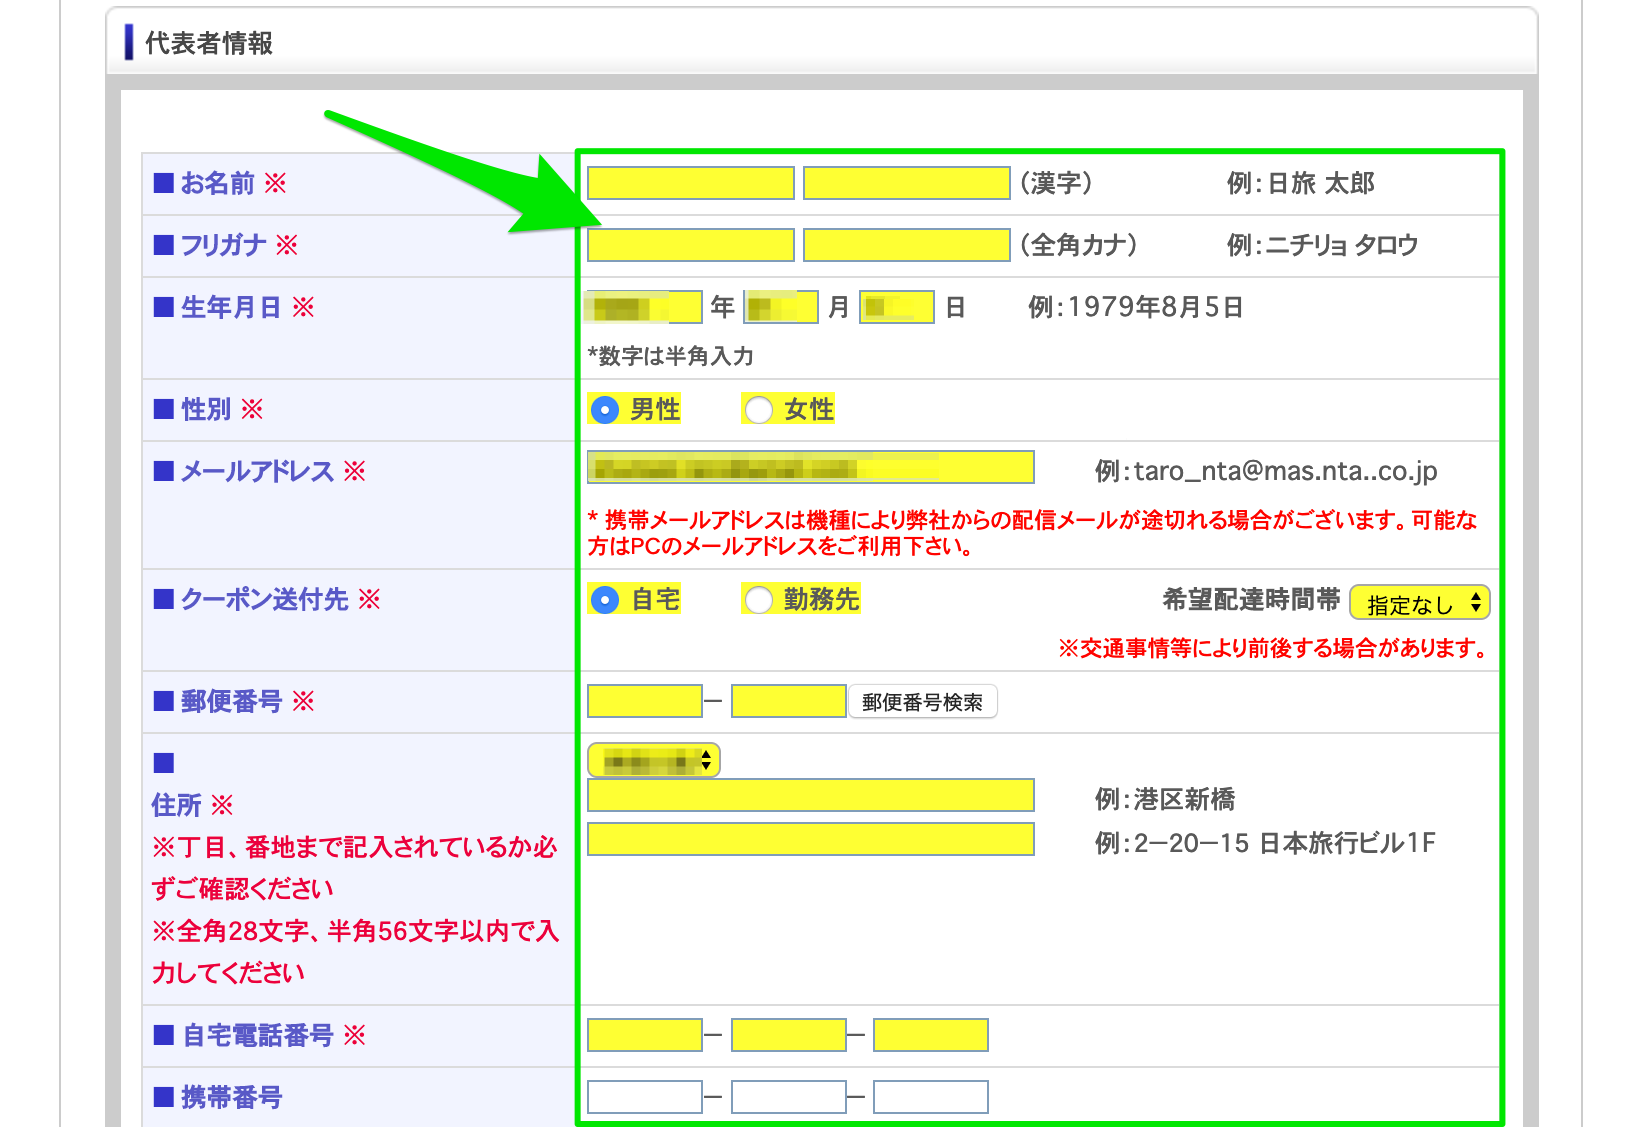 日本旅行のツアー予約手続きで予約者情報を入力